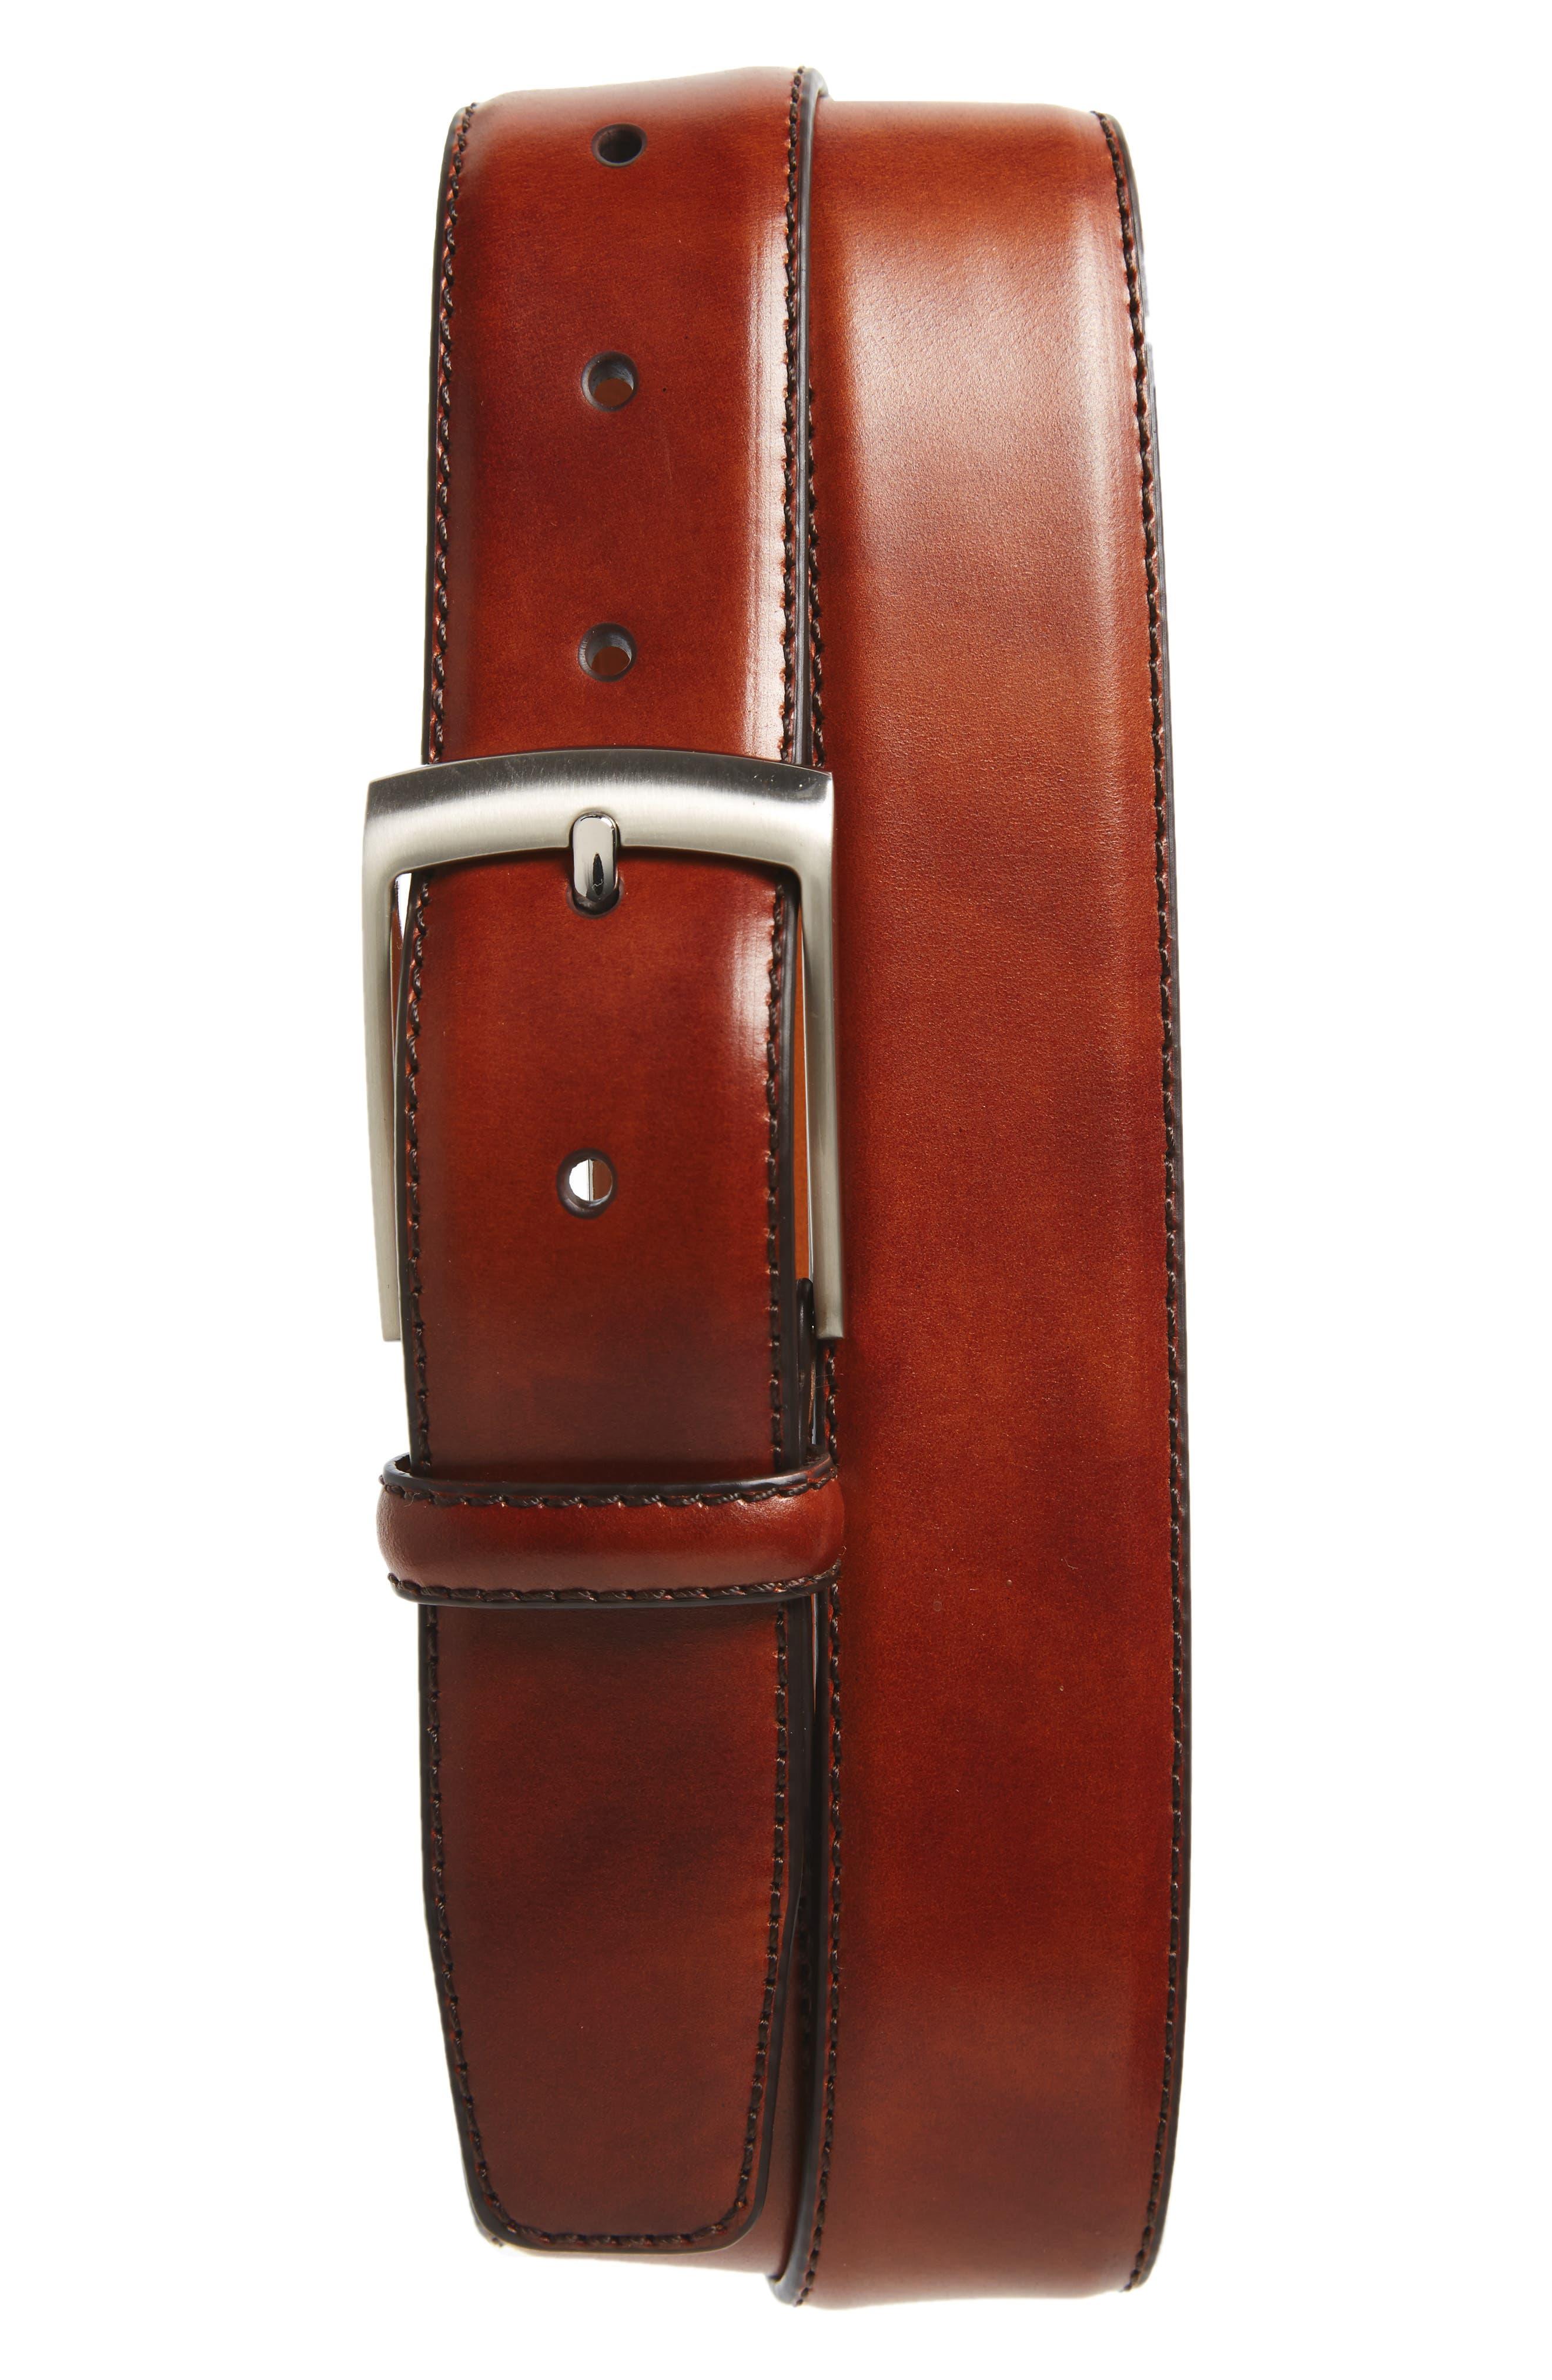 Magnanni Tabon Leather Belt, Cognac